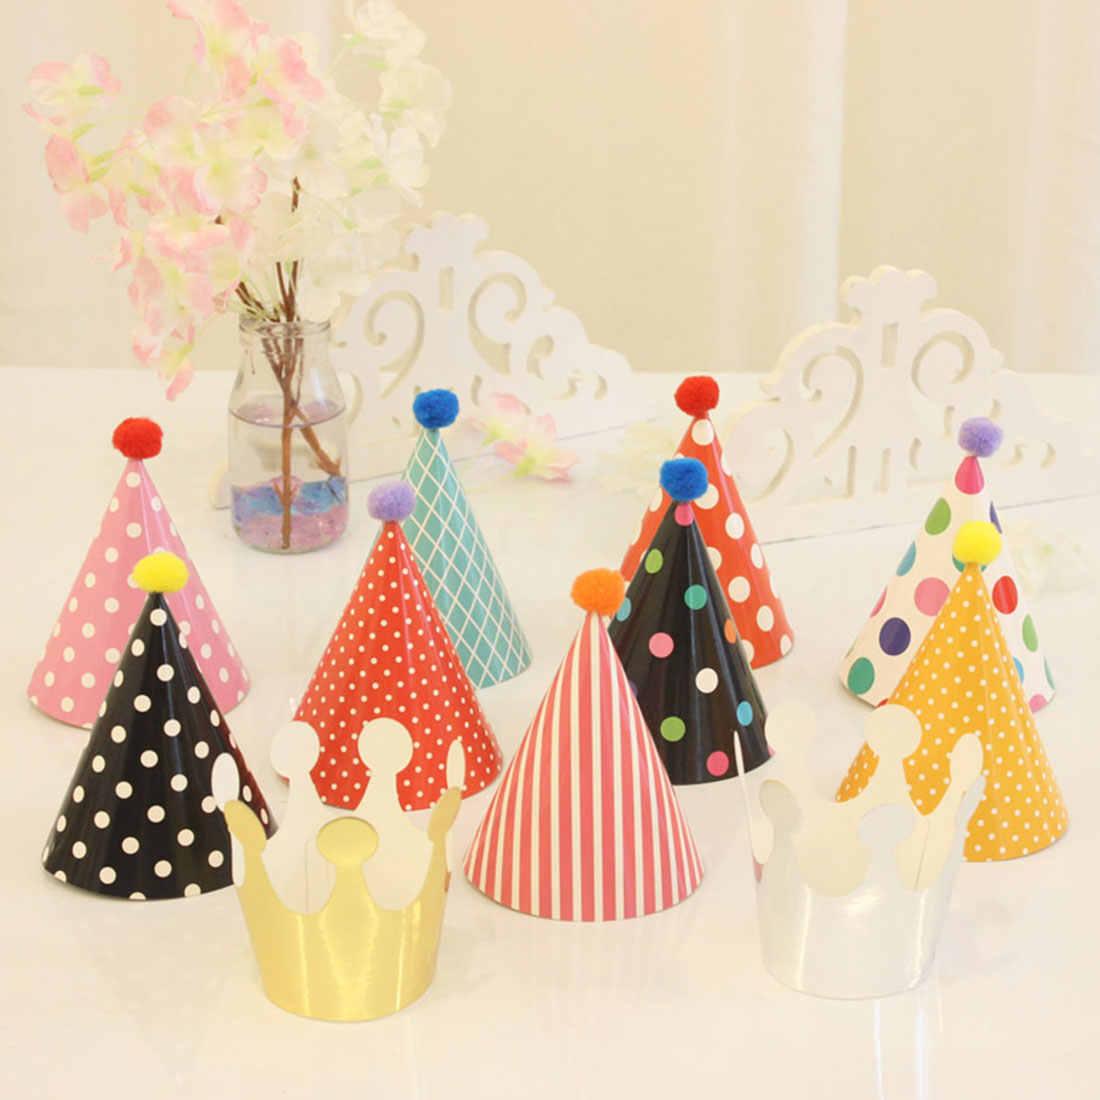 Фестиваль красочные праздничный колпак 11 шт. для маленьких детей Радуга поздравительная открытка ребенок диадема бумага кепки мультфильм шаблон